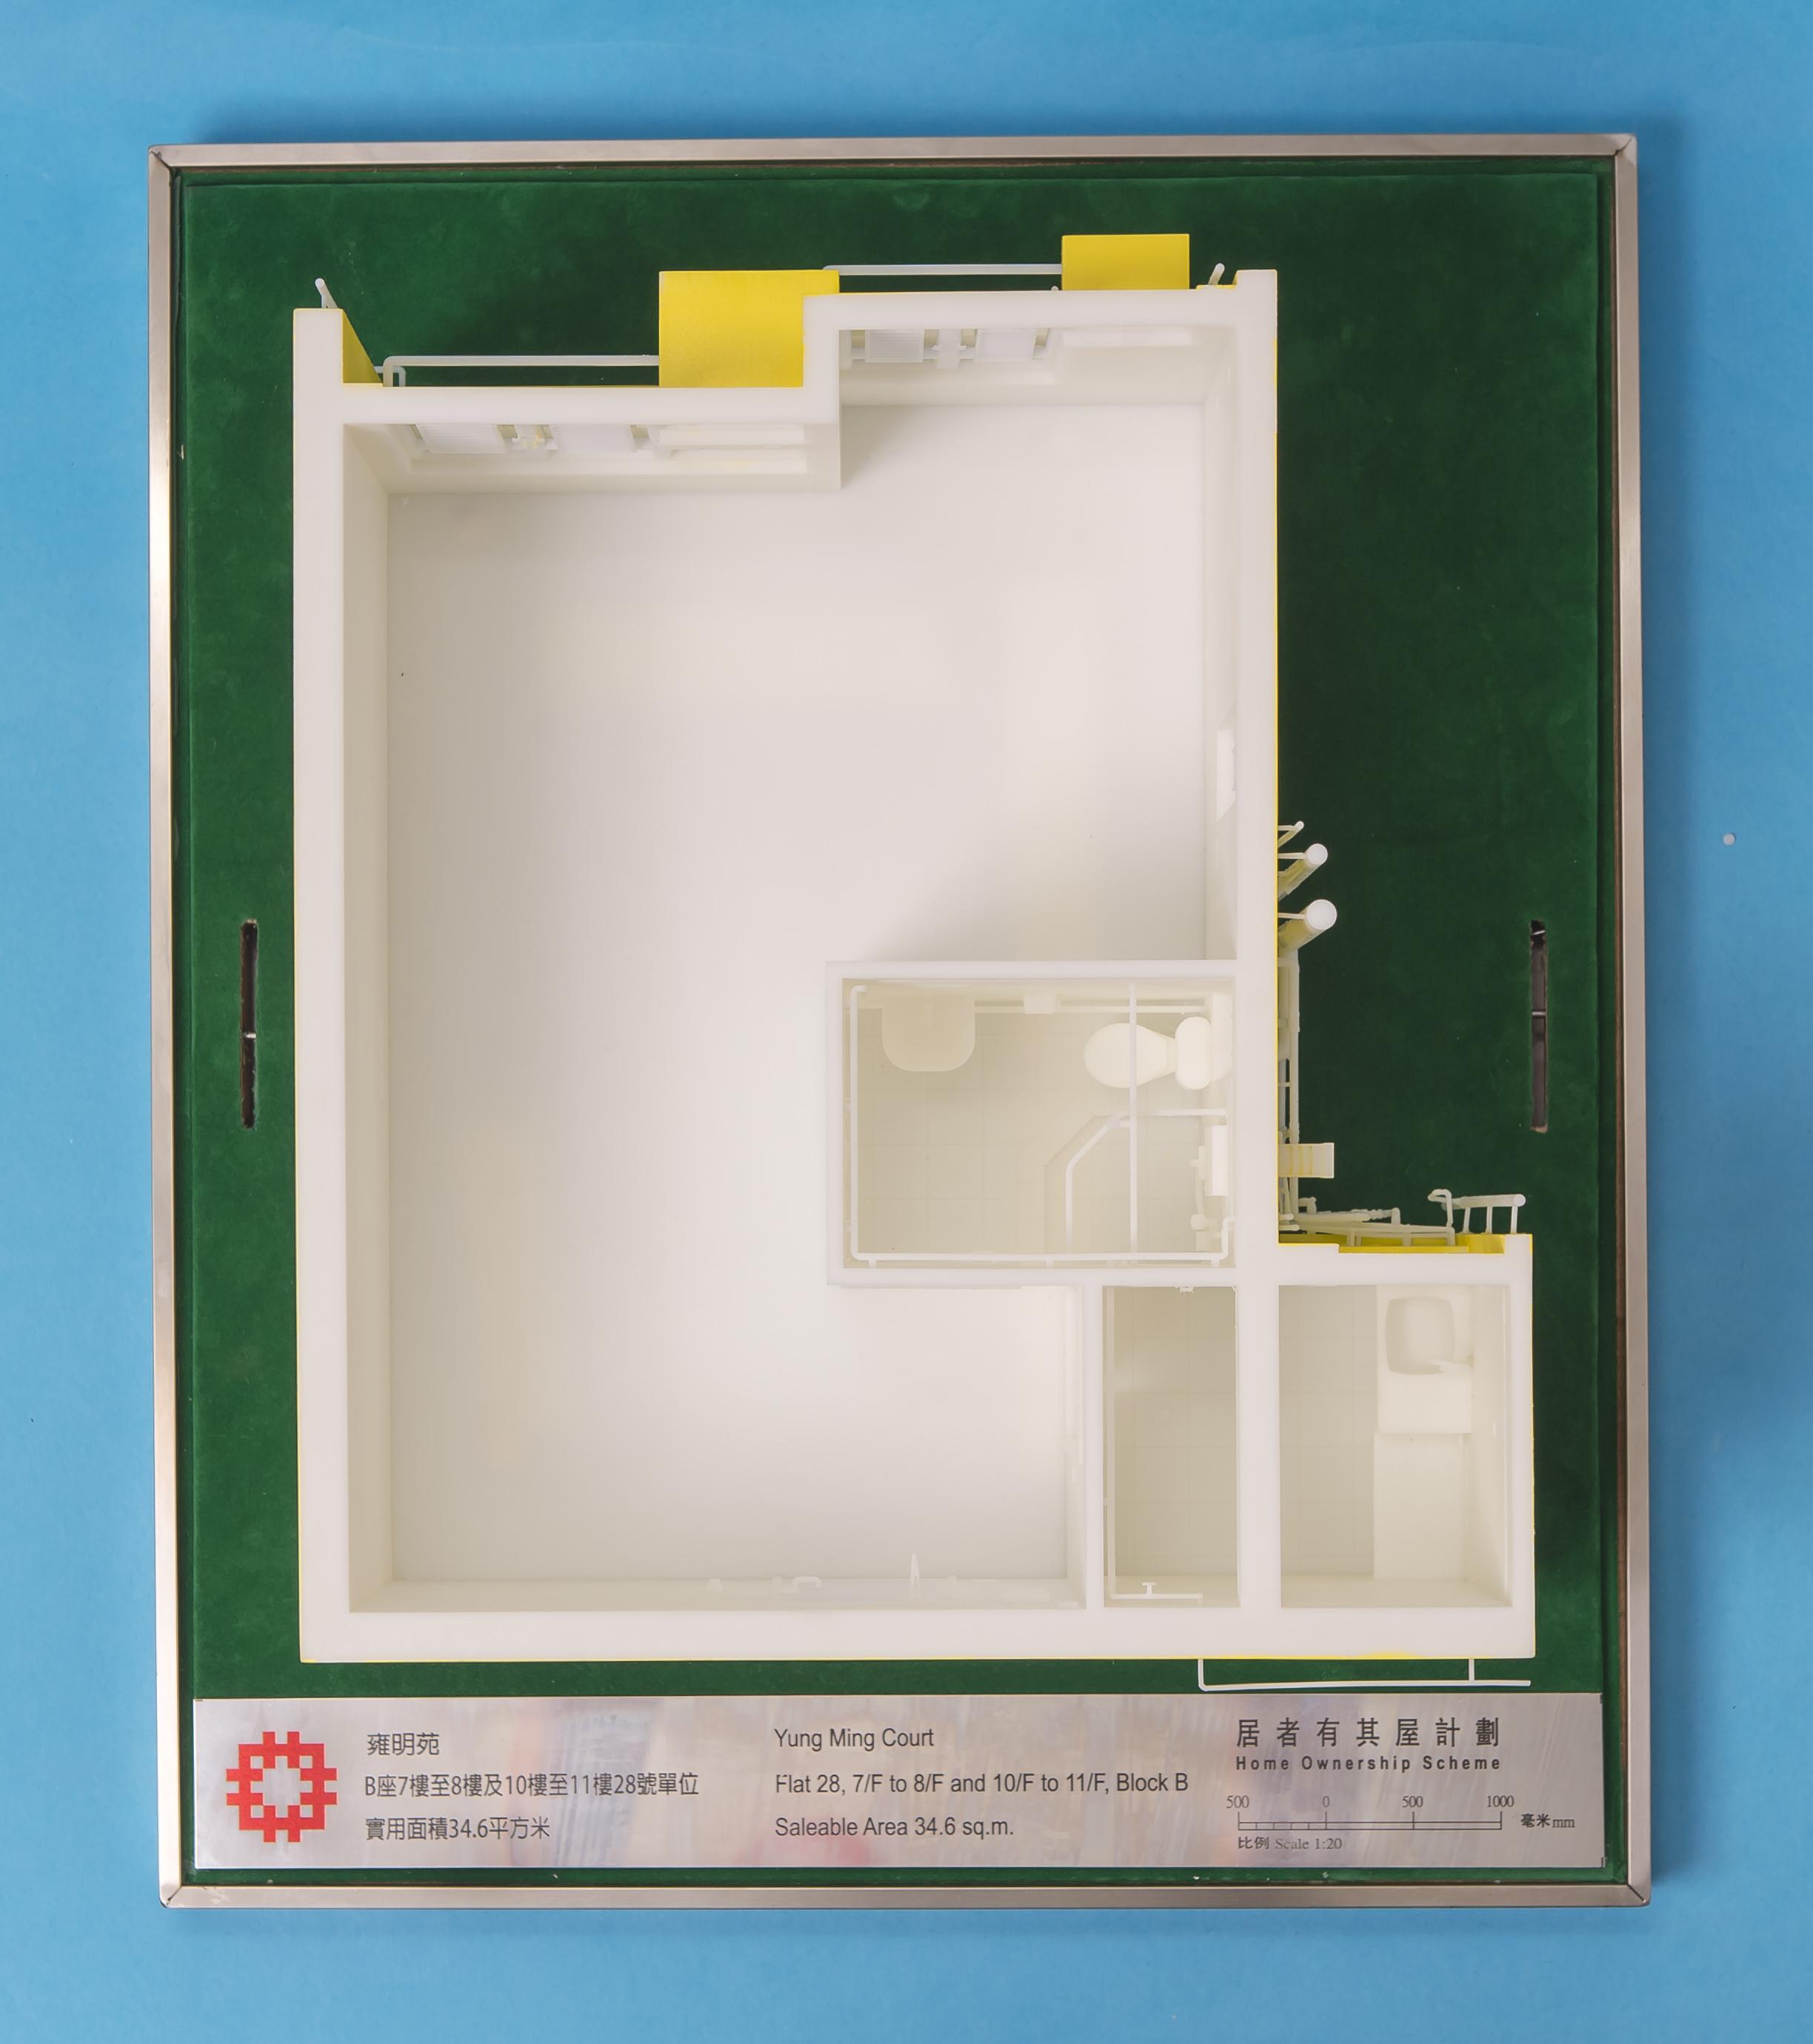 雍明苑B座7樓至8樓及10樓至11樓28號單位模型。